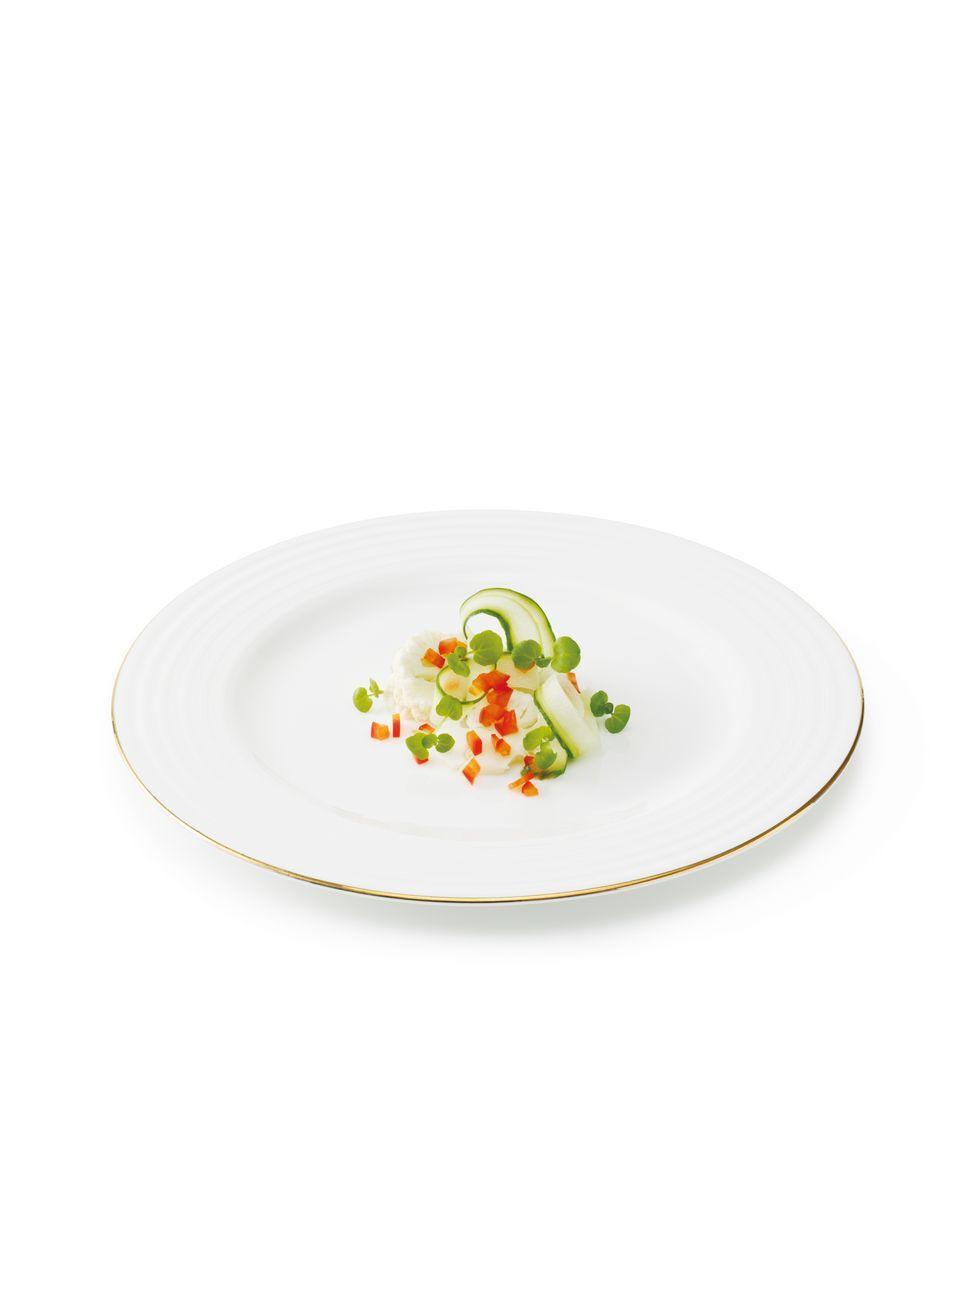 Набор обеденных тарелок Aida Passion, в подарочной упаковке, цвет: белый, диаметр 28 см, 4 предмета. 19483 набор обеденных тарелок lsa dine цвет белый диаметр 27 см 4 шт